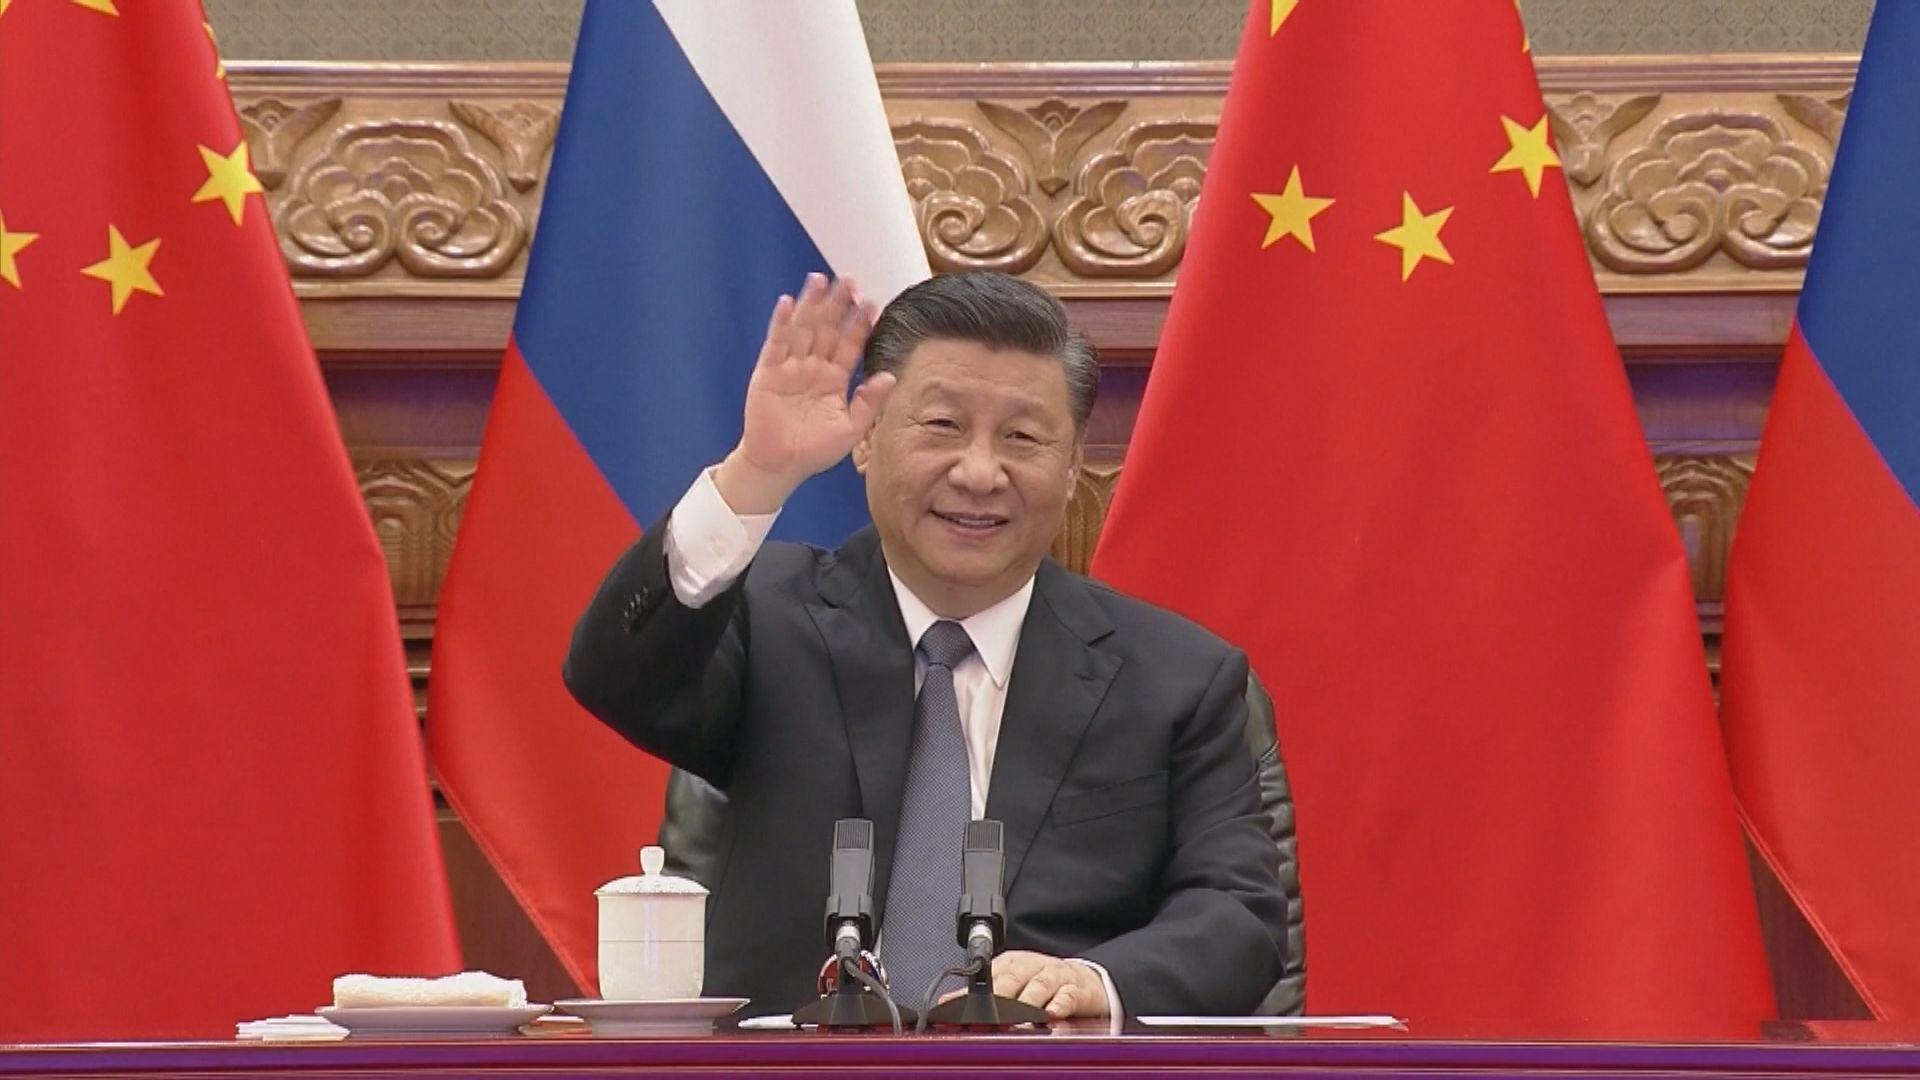 習近平:相信中俄將凝心聚力 維護兩國共同利益